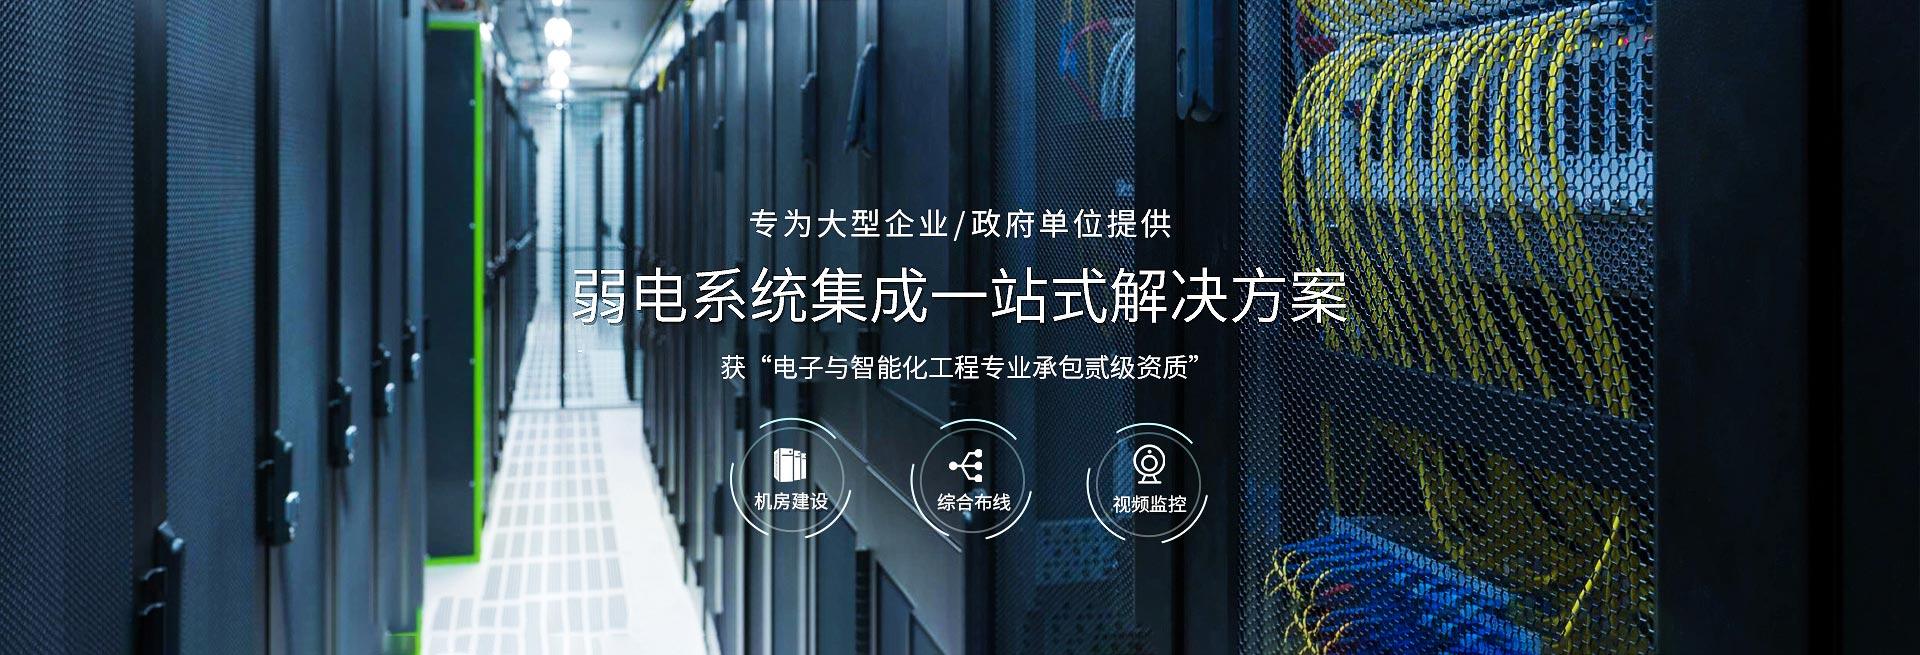 欣荣泰-弱电系统集成一站式解决方案